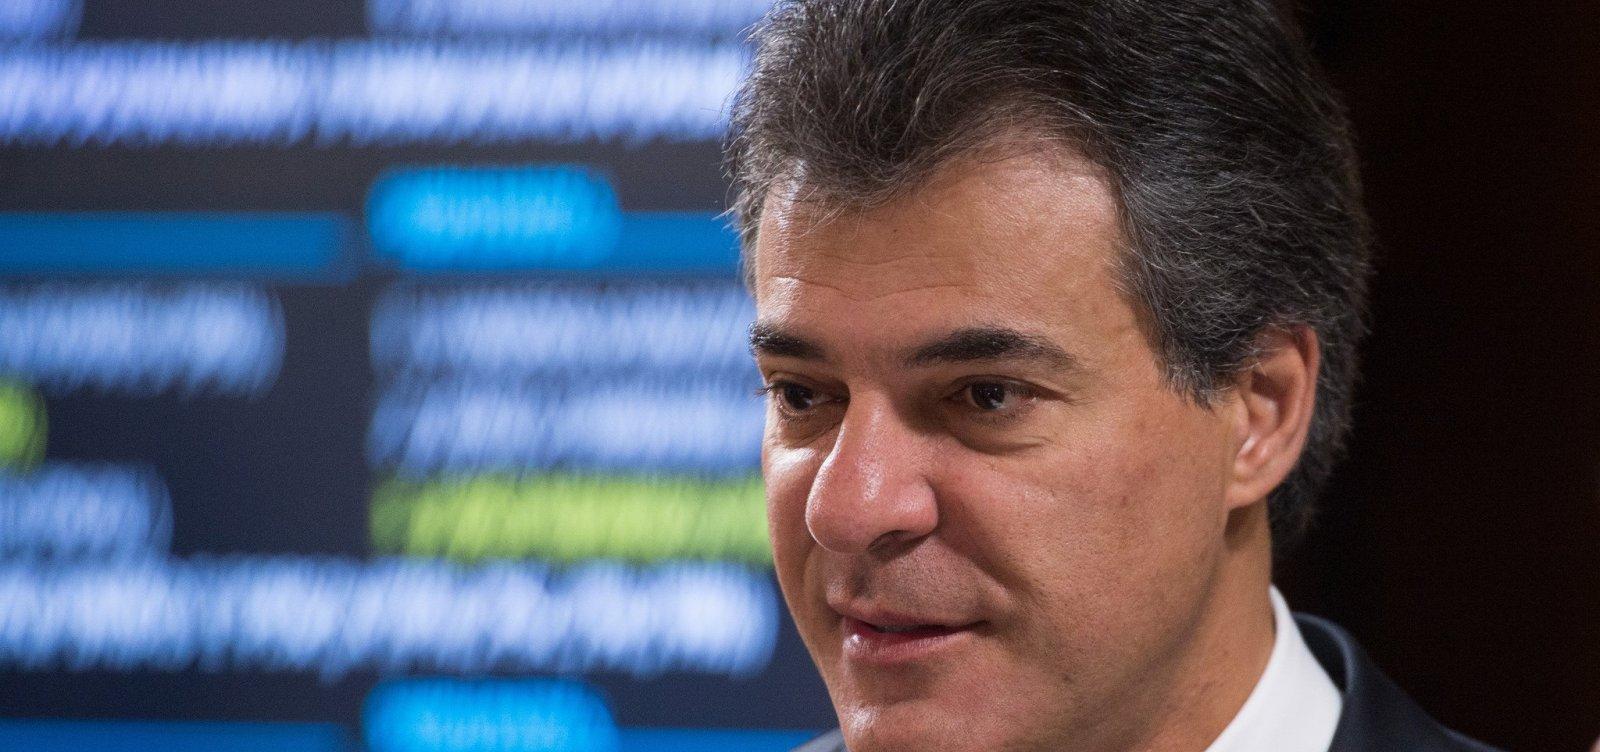 Beto Richa é denunciado por corrupção e fraude à licitação